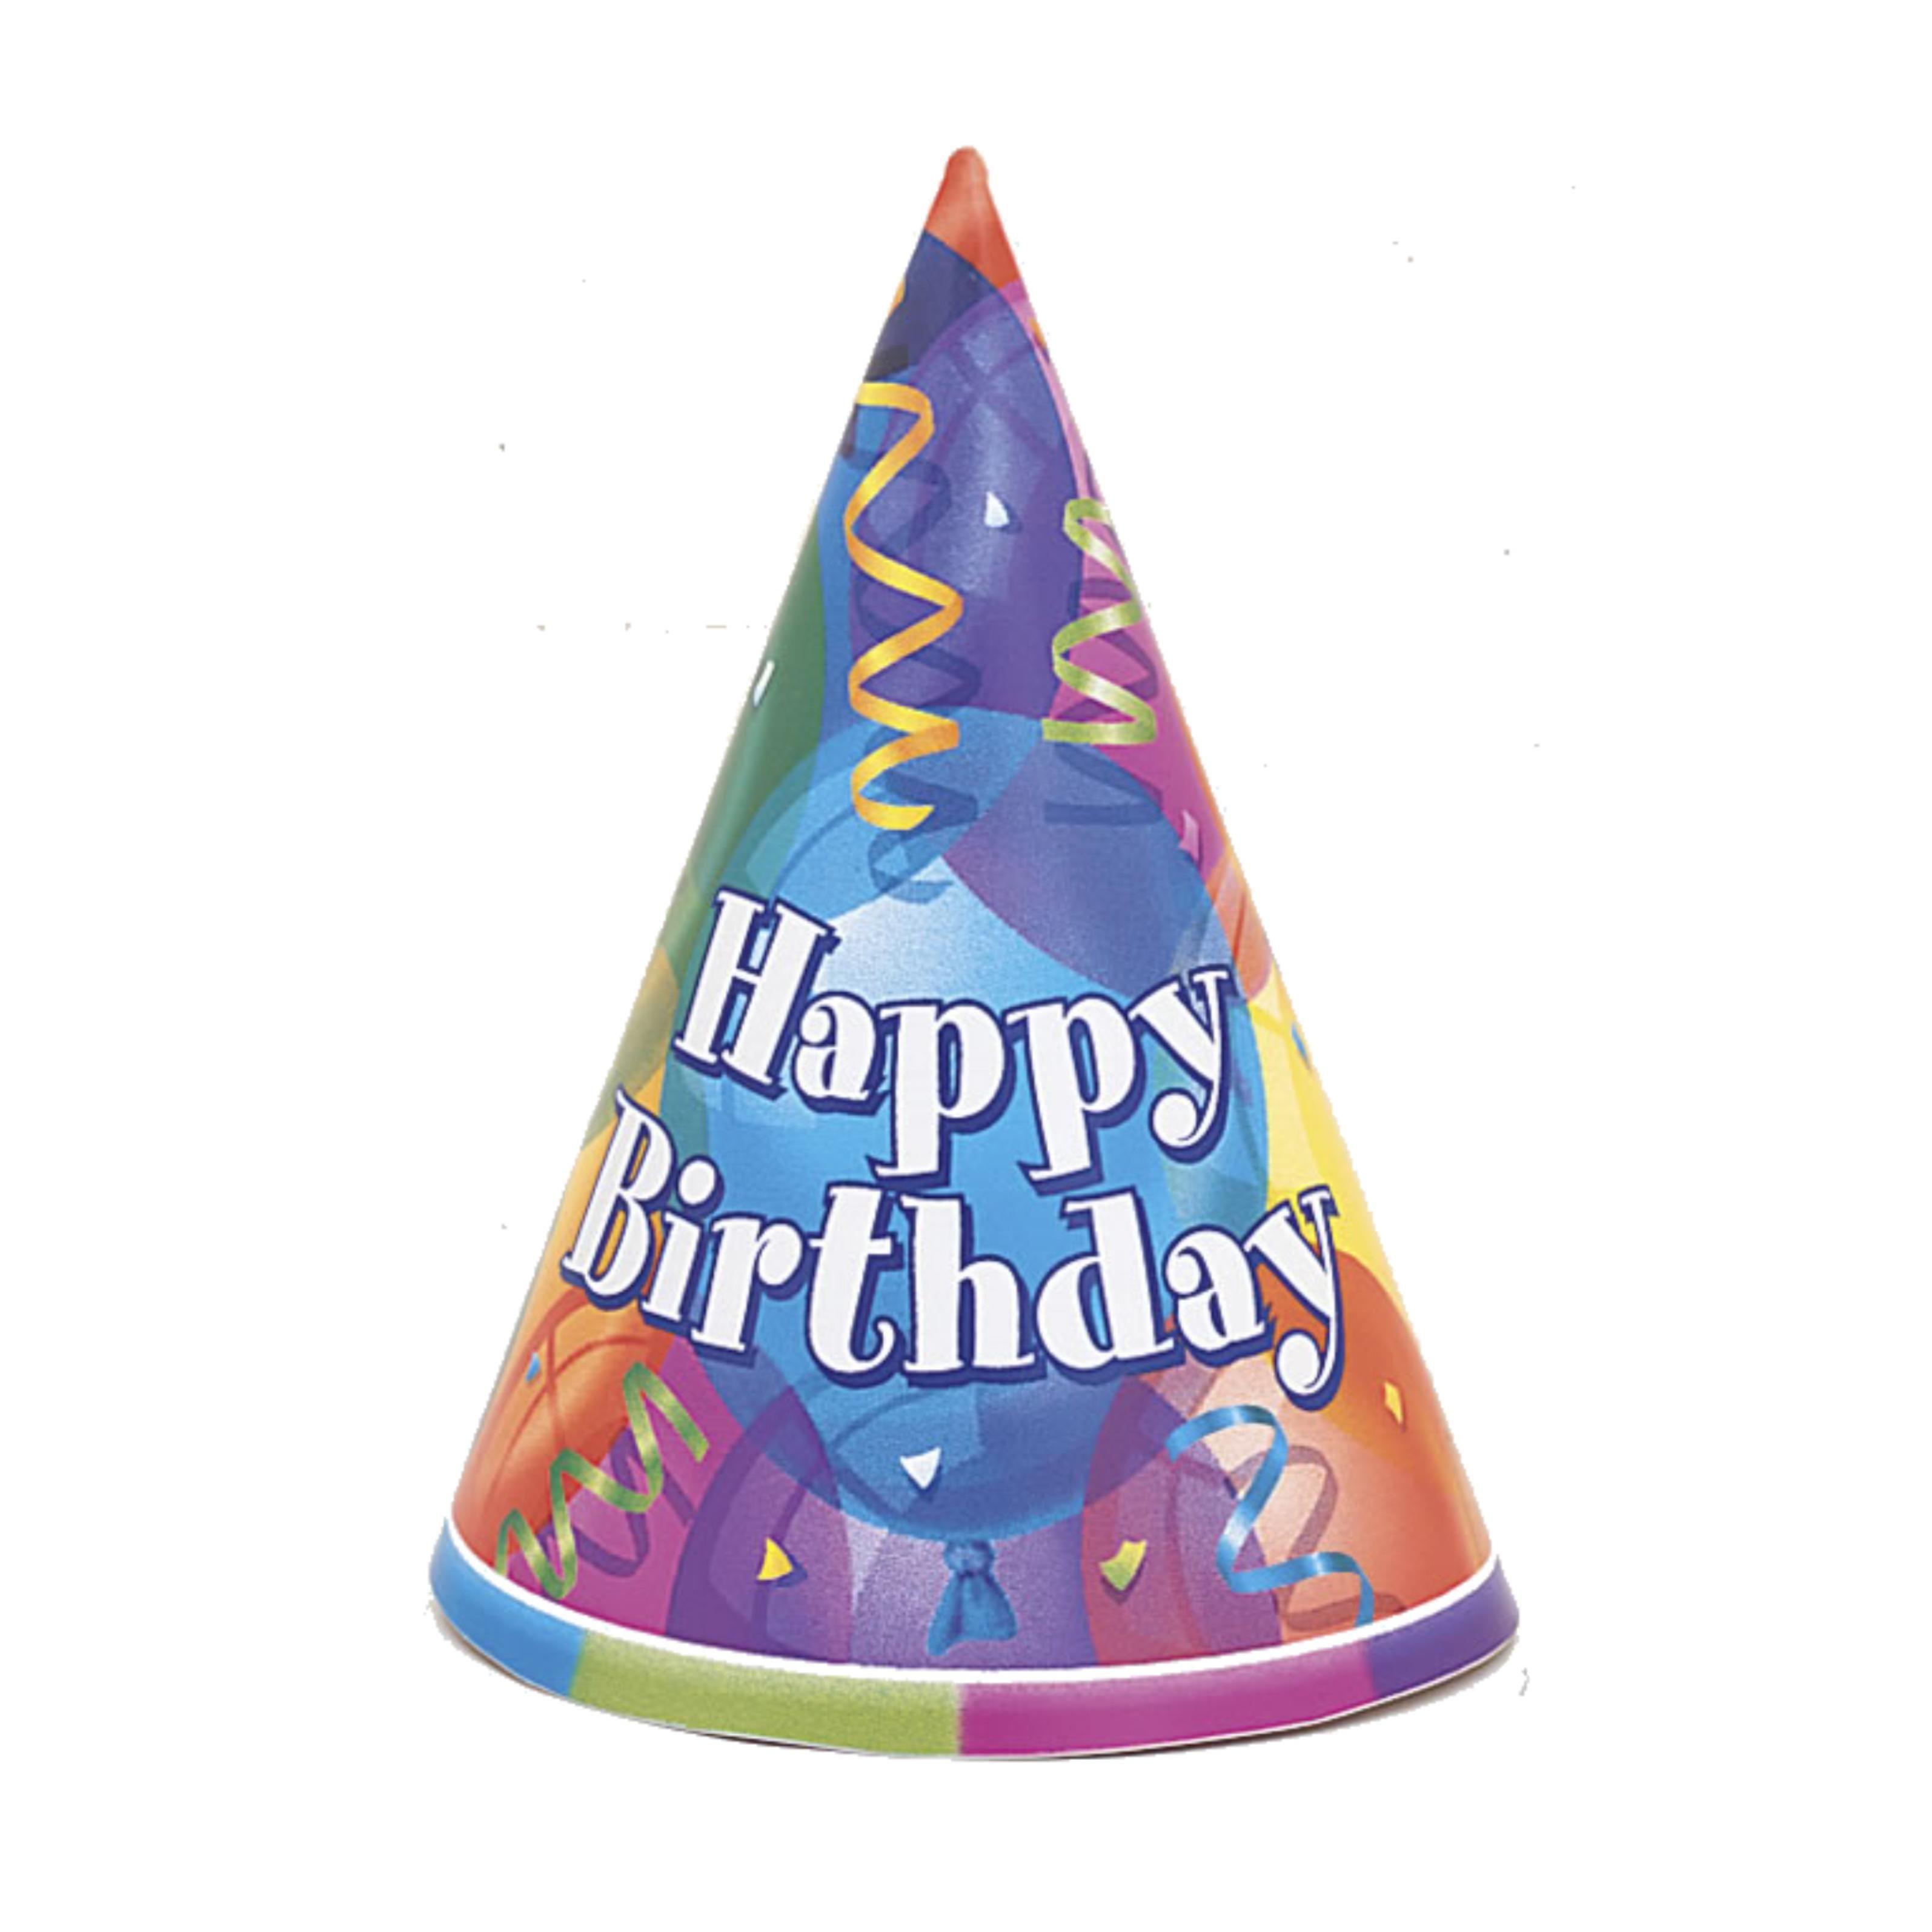 Happy Birthday Hat Clipart 1 Jpg 3189 3189 Birthday Party Hats Party Hats Birthday Hat